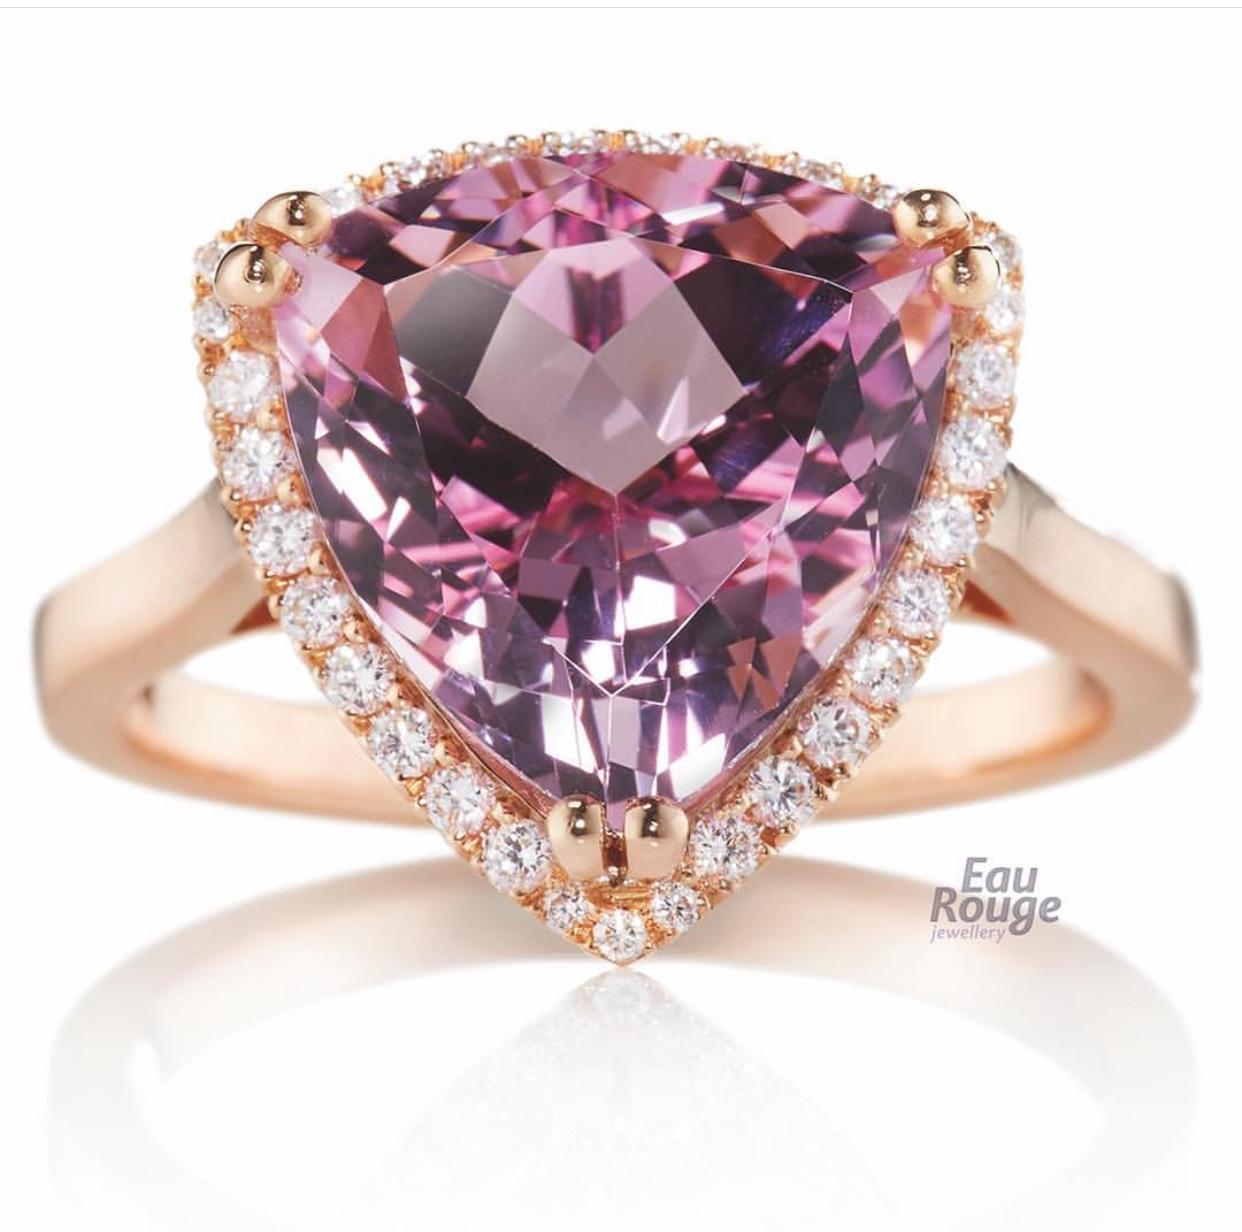 Morganite Ring by Eau Rouge